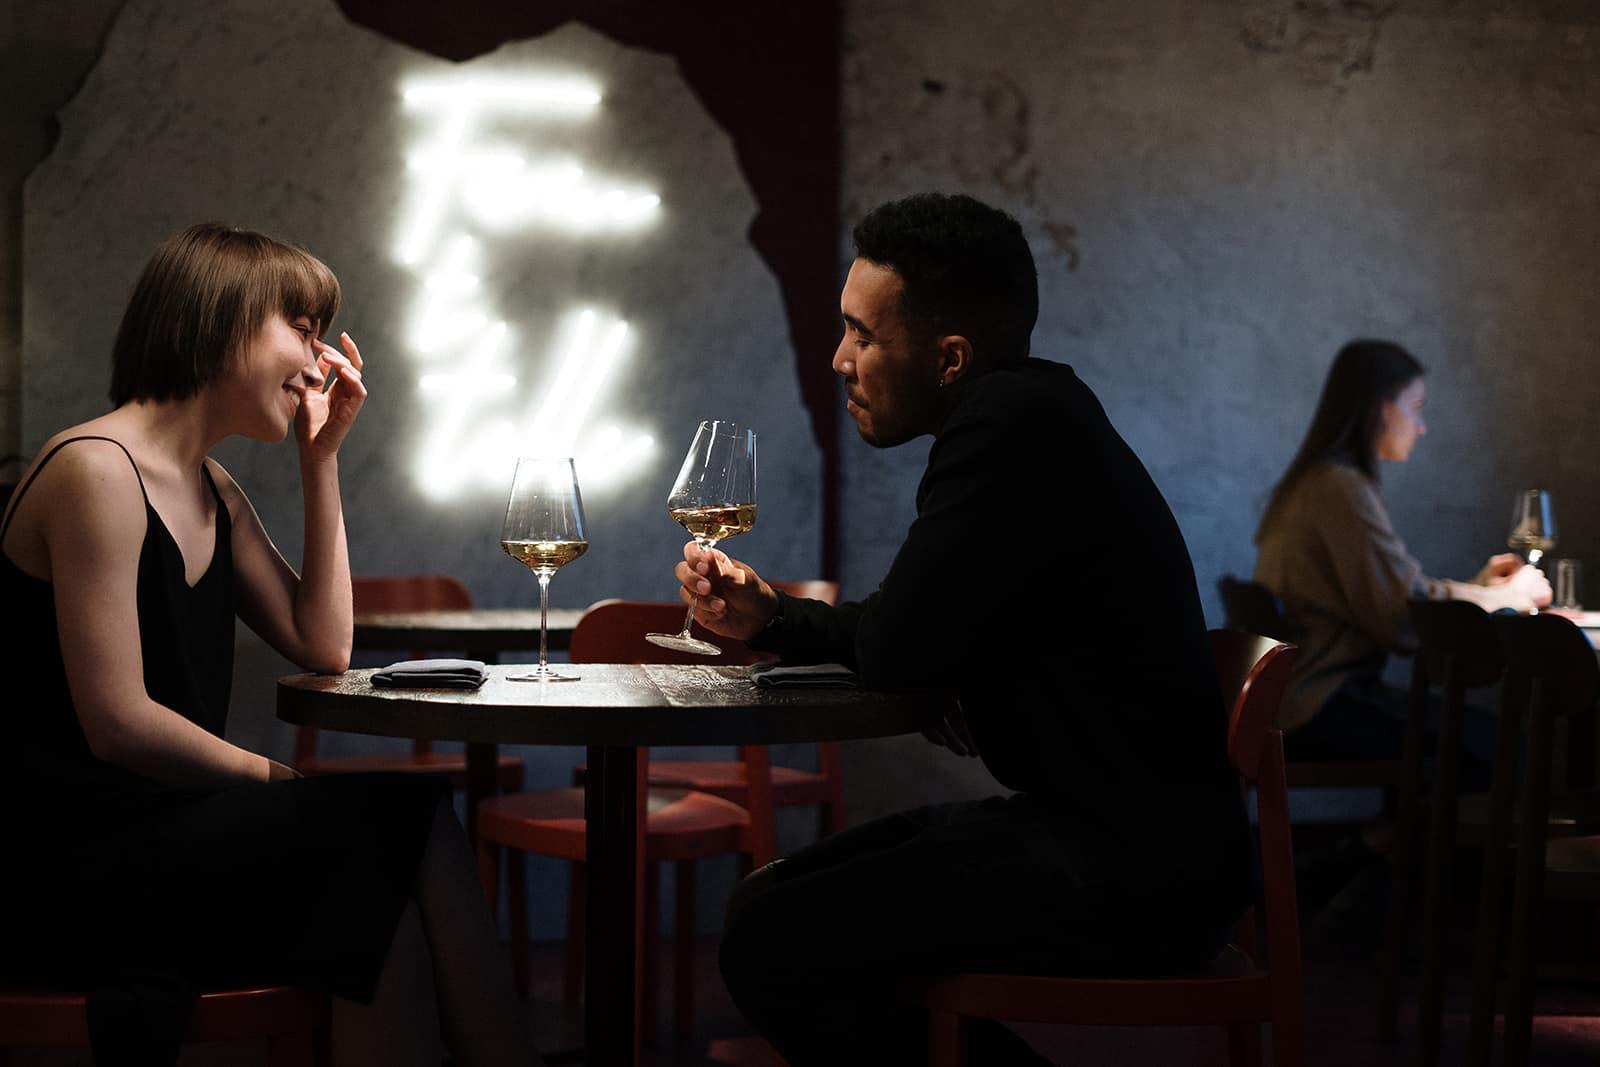 Ein Mann und eine Frau trinken Wein in einem Restaurant und unterhalten sich über ein Date